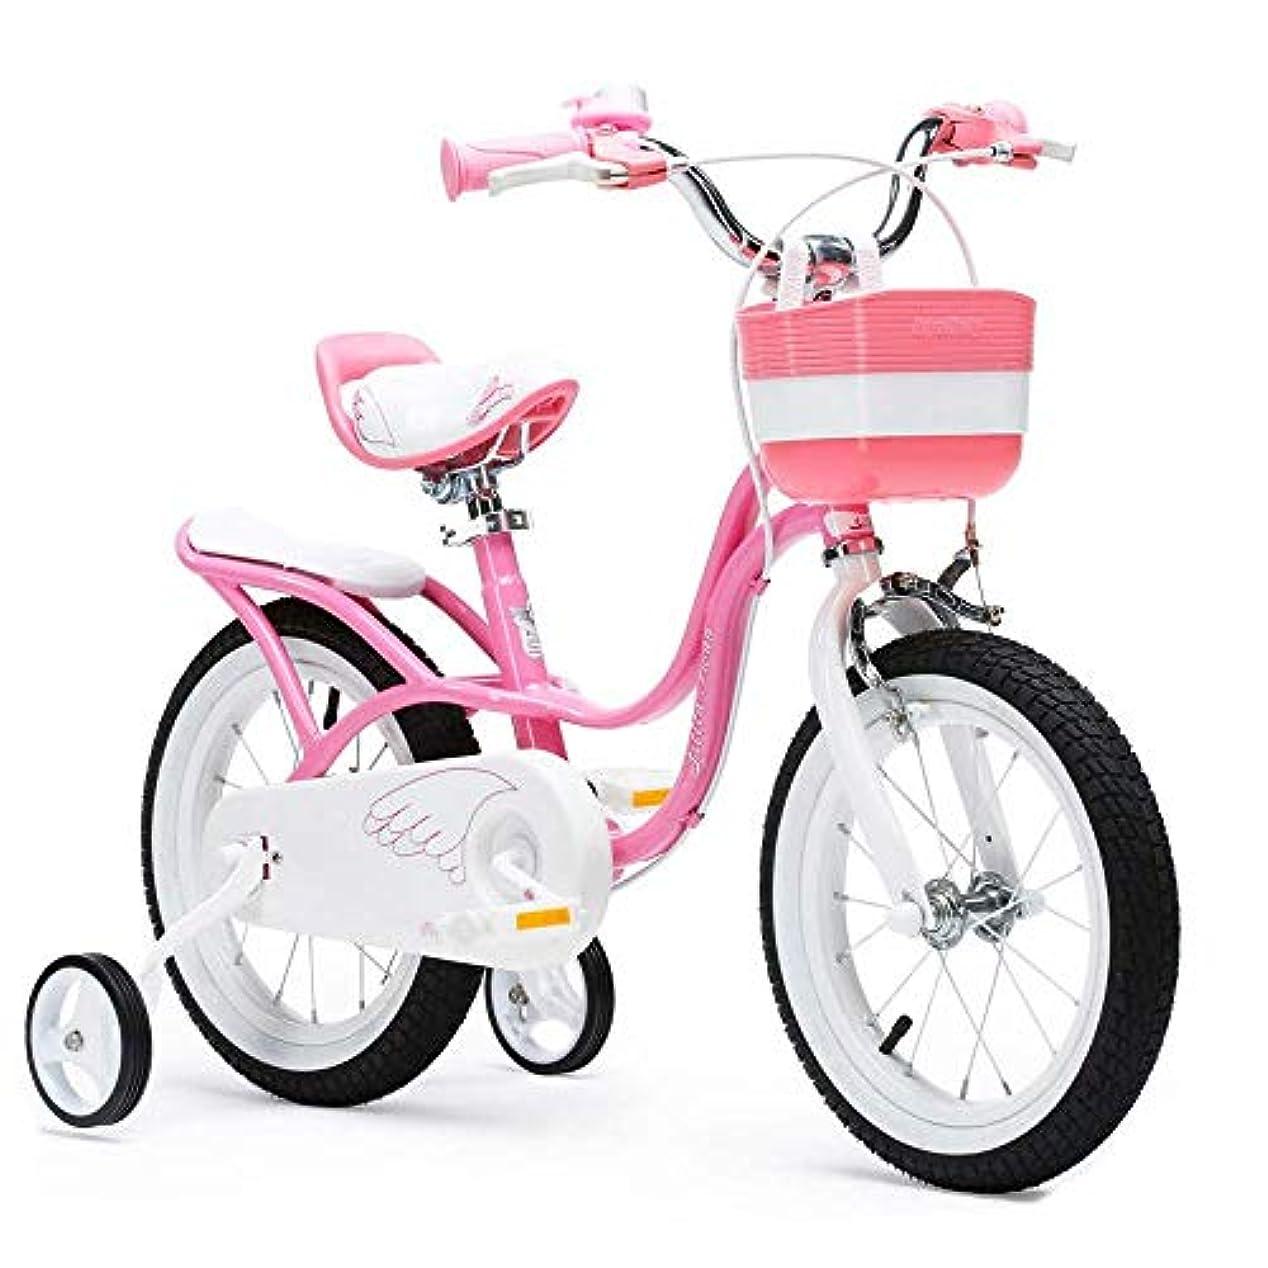 ラジカル買う用心するキックスタンド幼児自転車自転車バイクと女の子の自転車自転車、トレーニングホイールと12インチキッズバイク